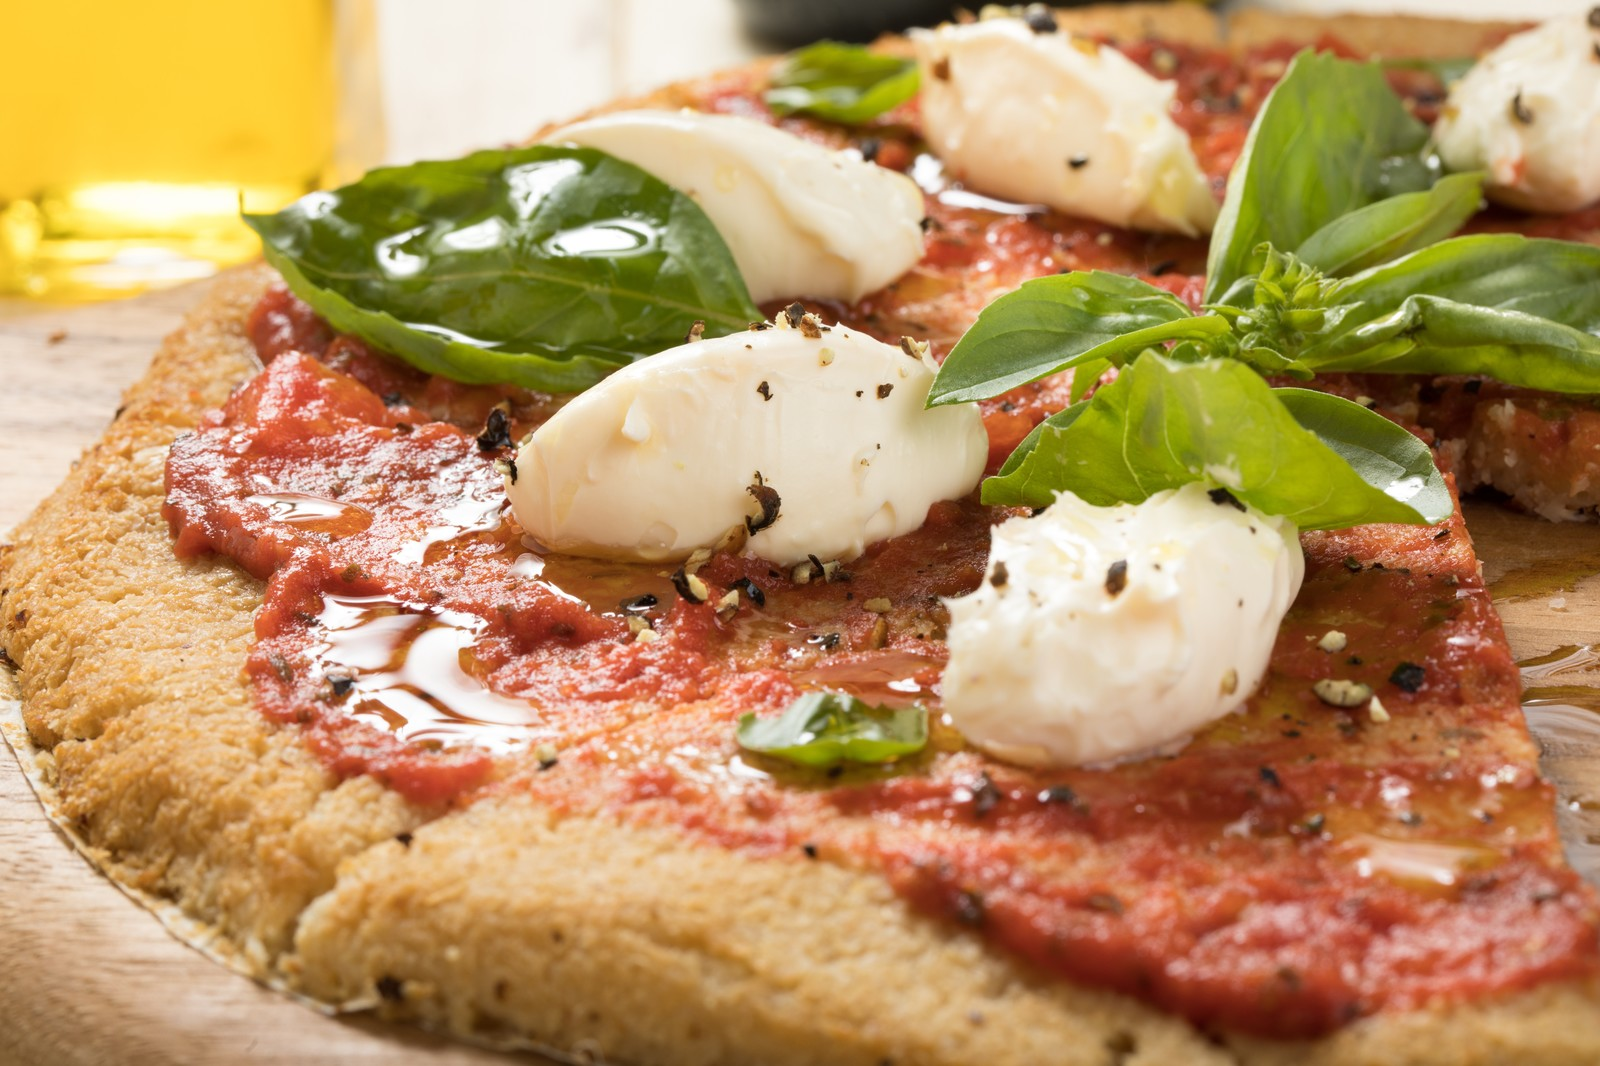 「トマトソースのカリフラワーピザトマトソースのカリフラワーピザ」のフリー写真素材を拡大